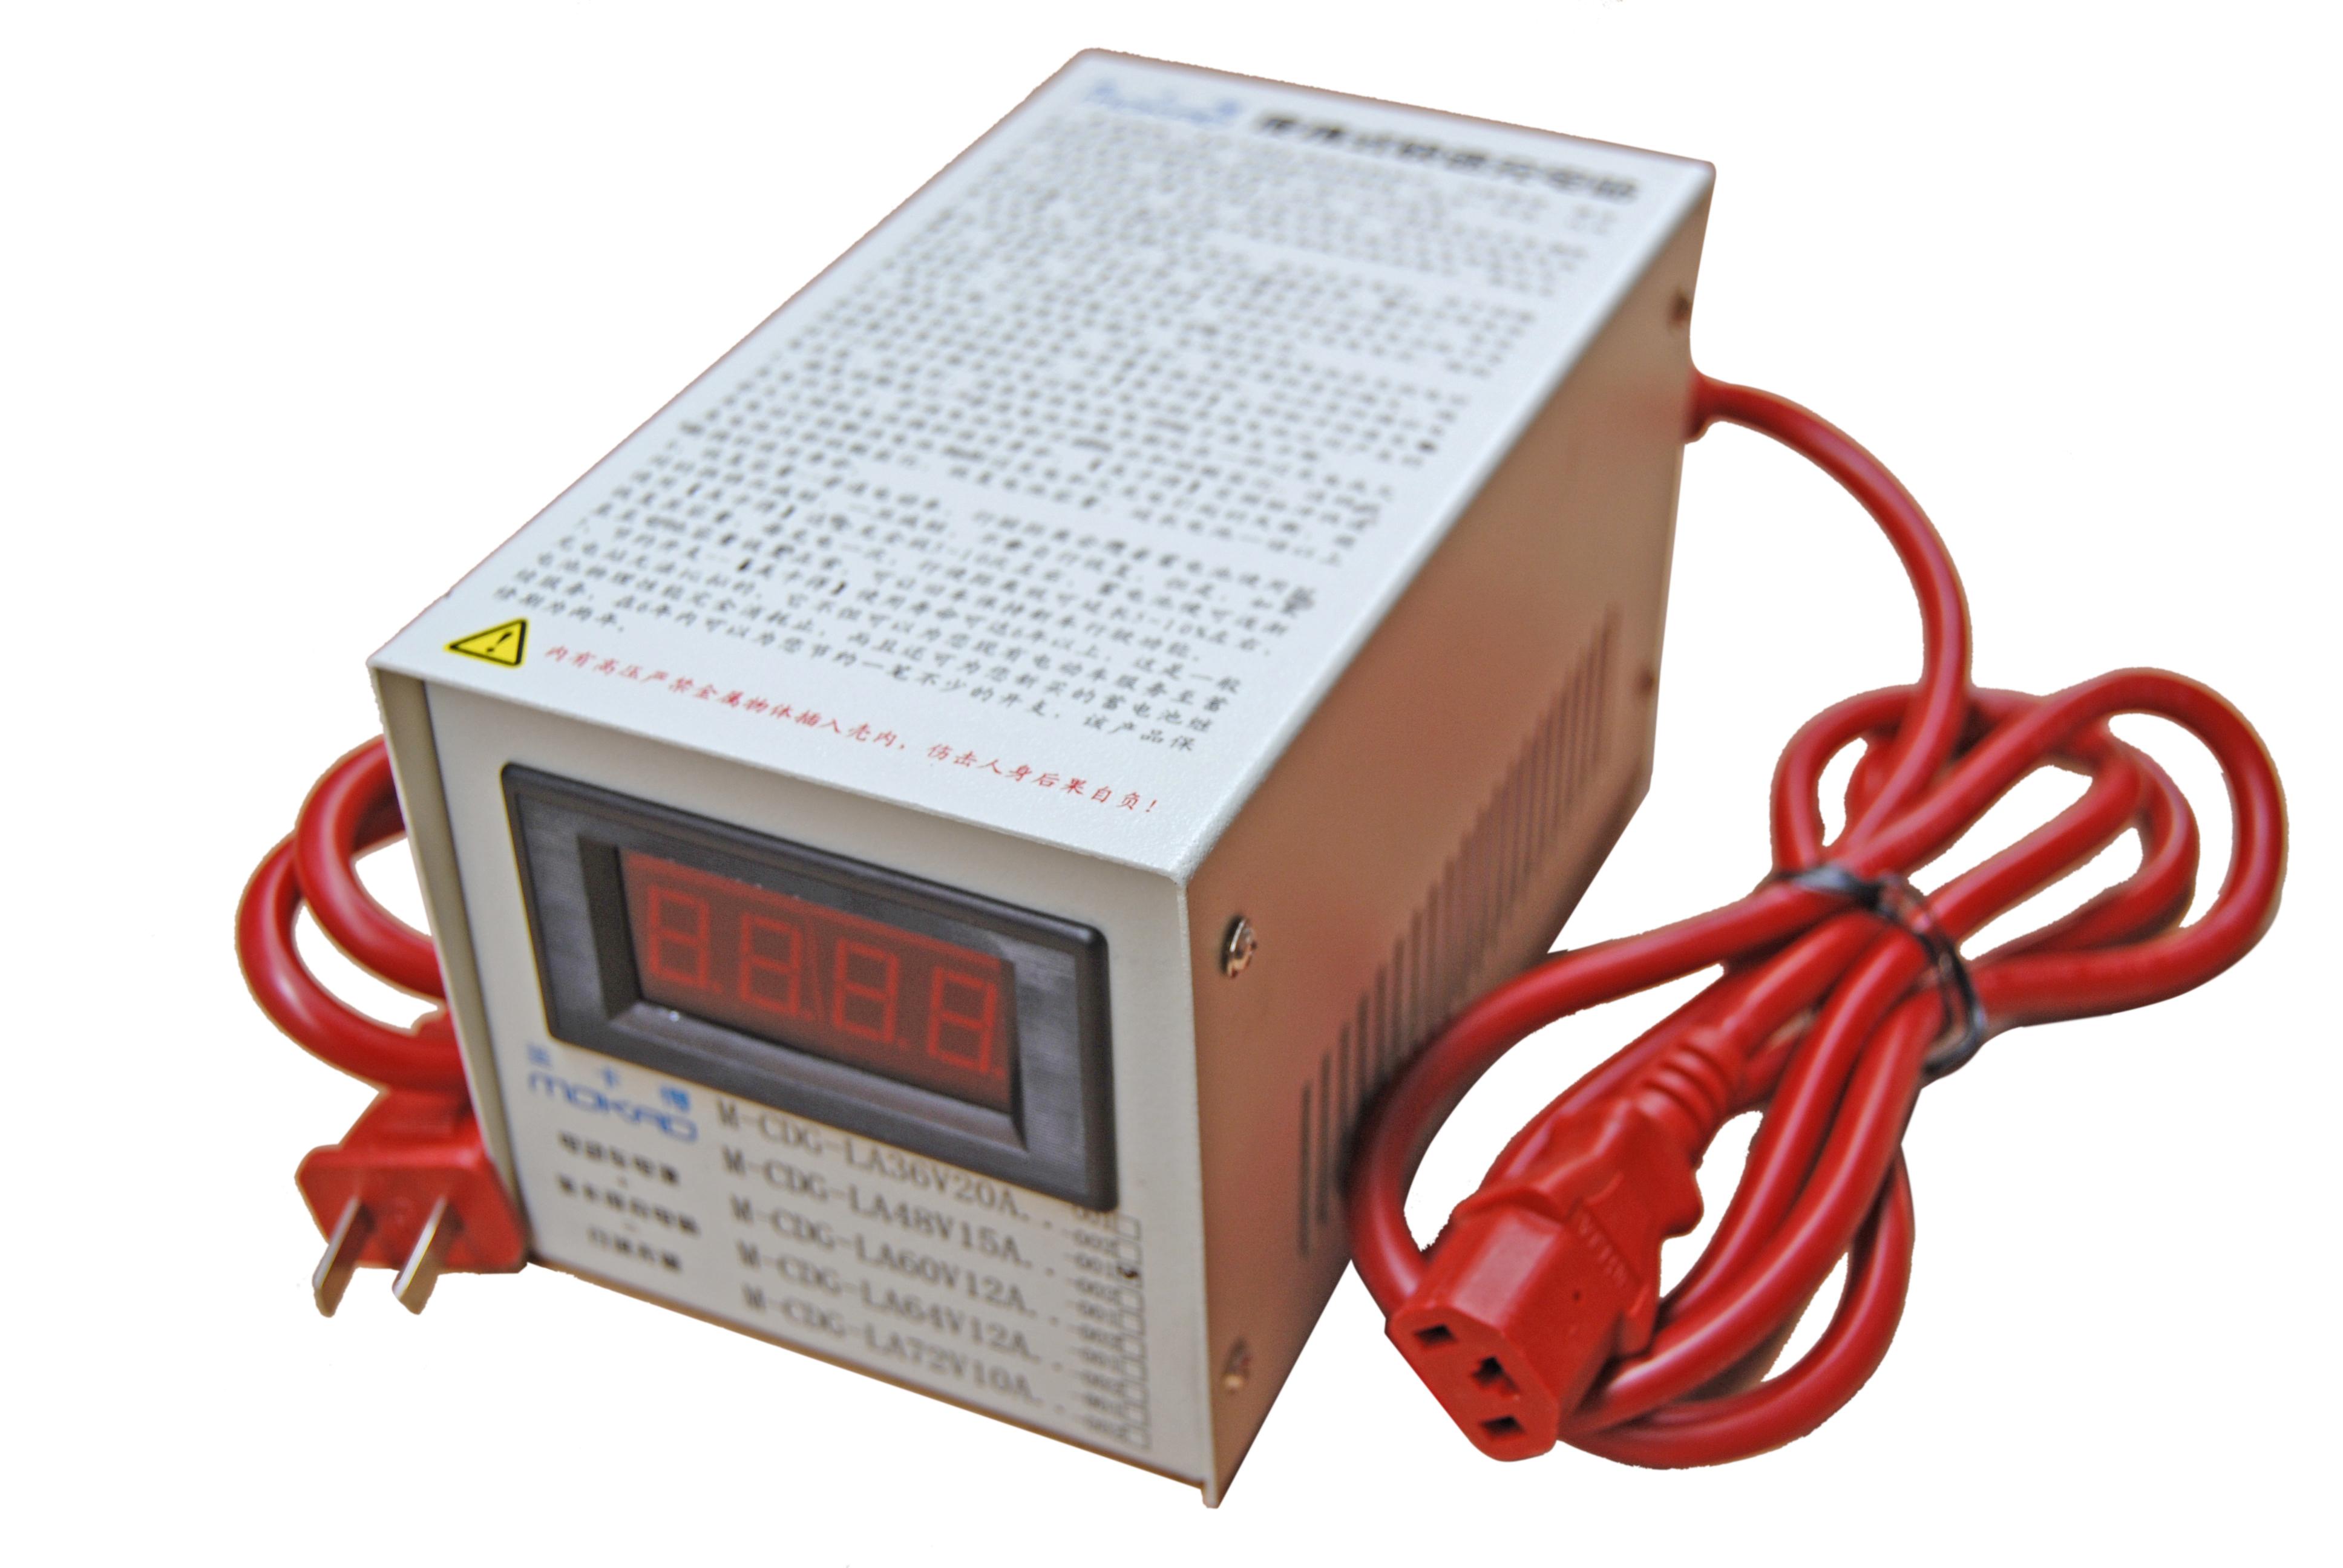 网站首页 产品展示 全程变频脉冲充电器  m-cdg-la48v15a-001/002